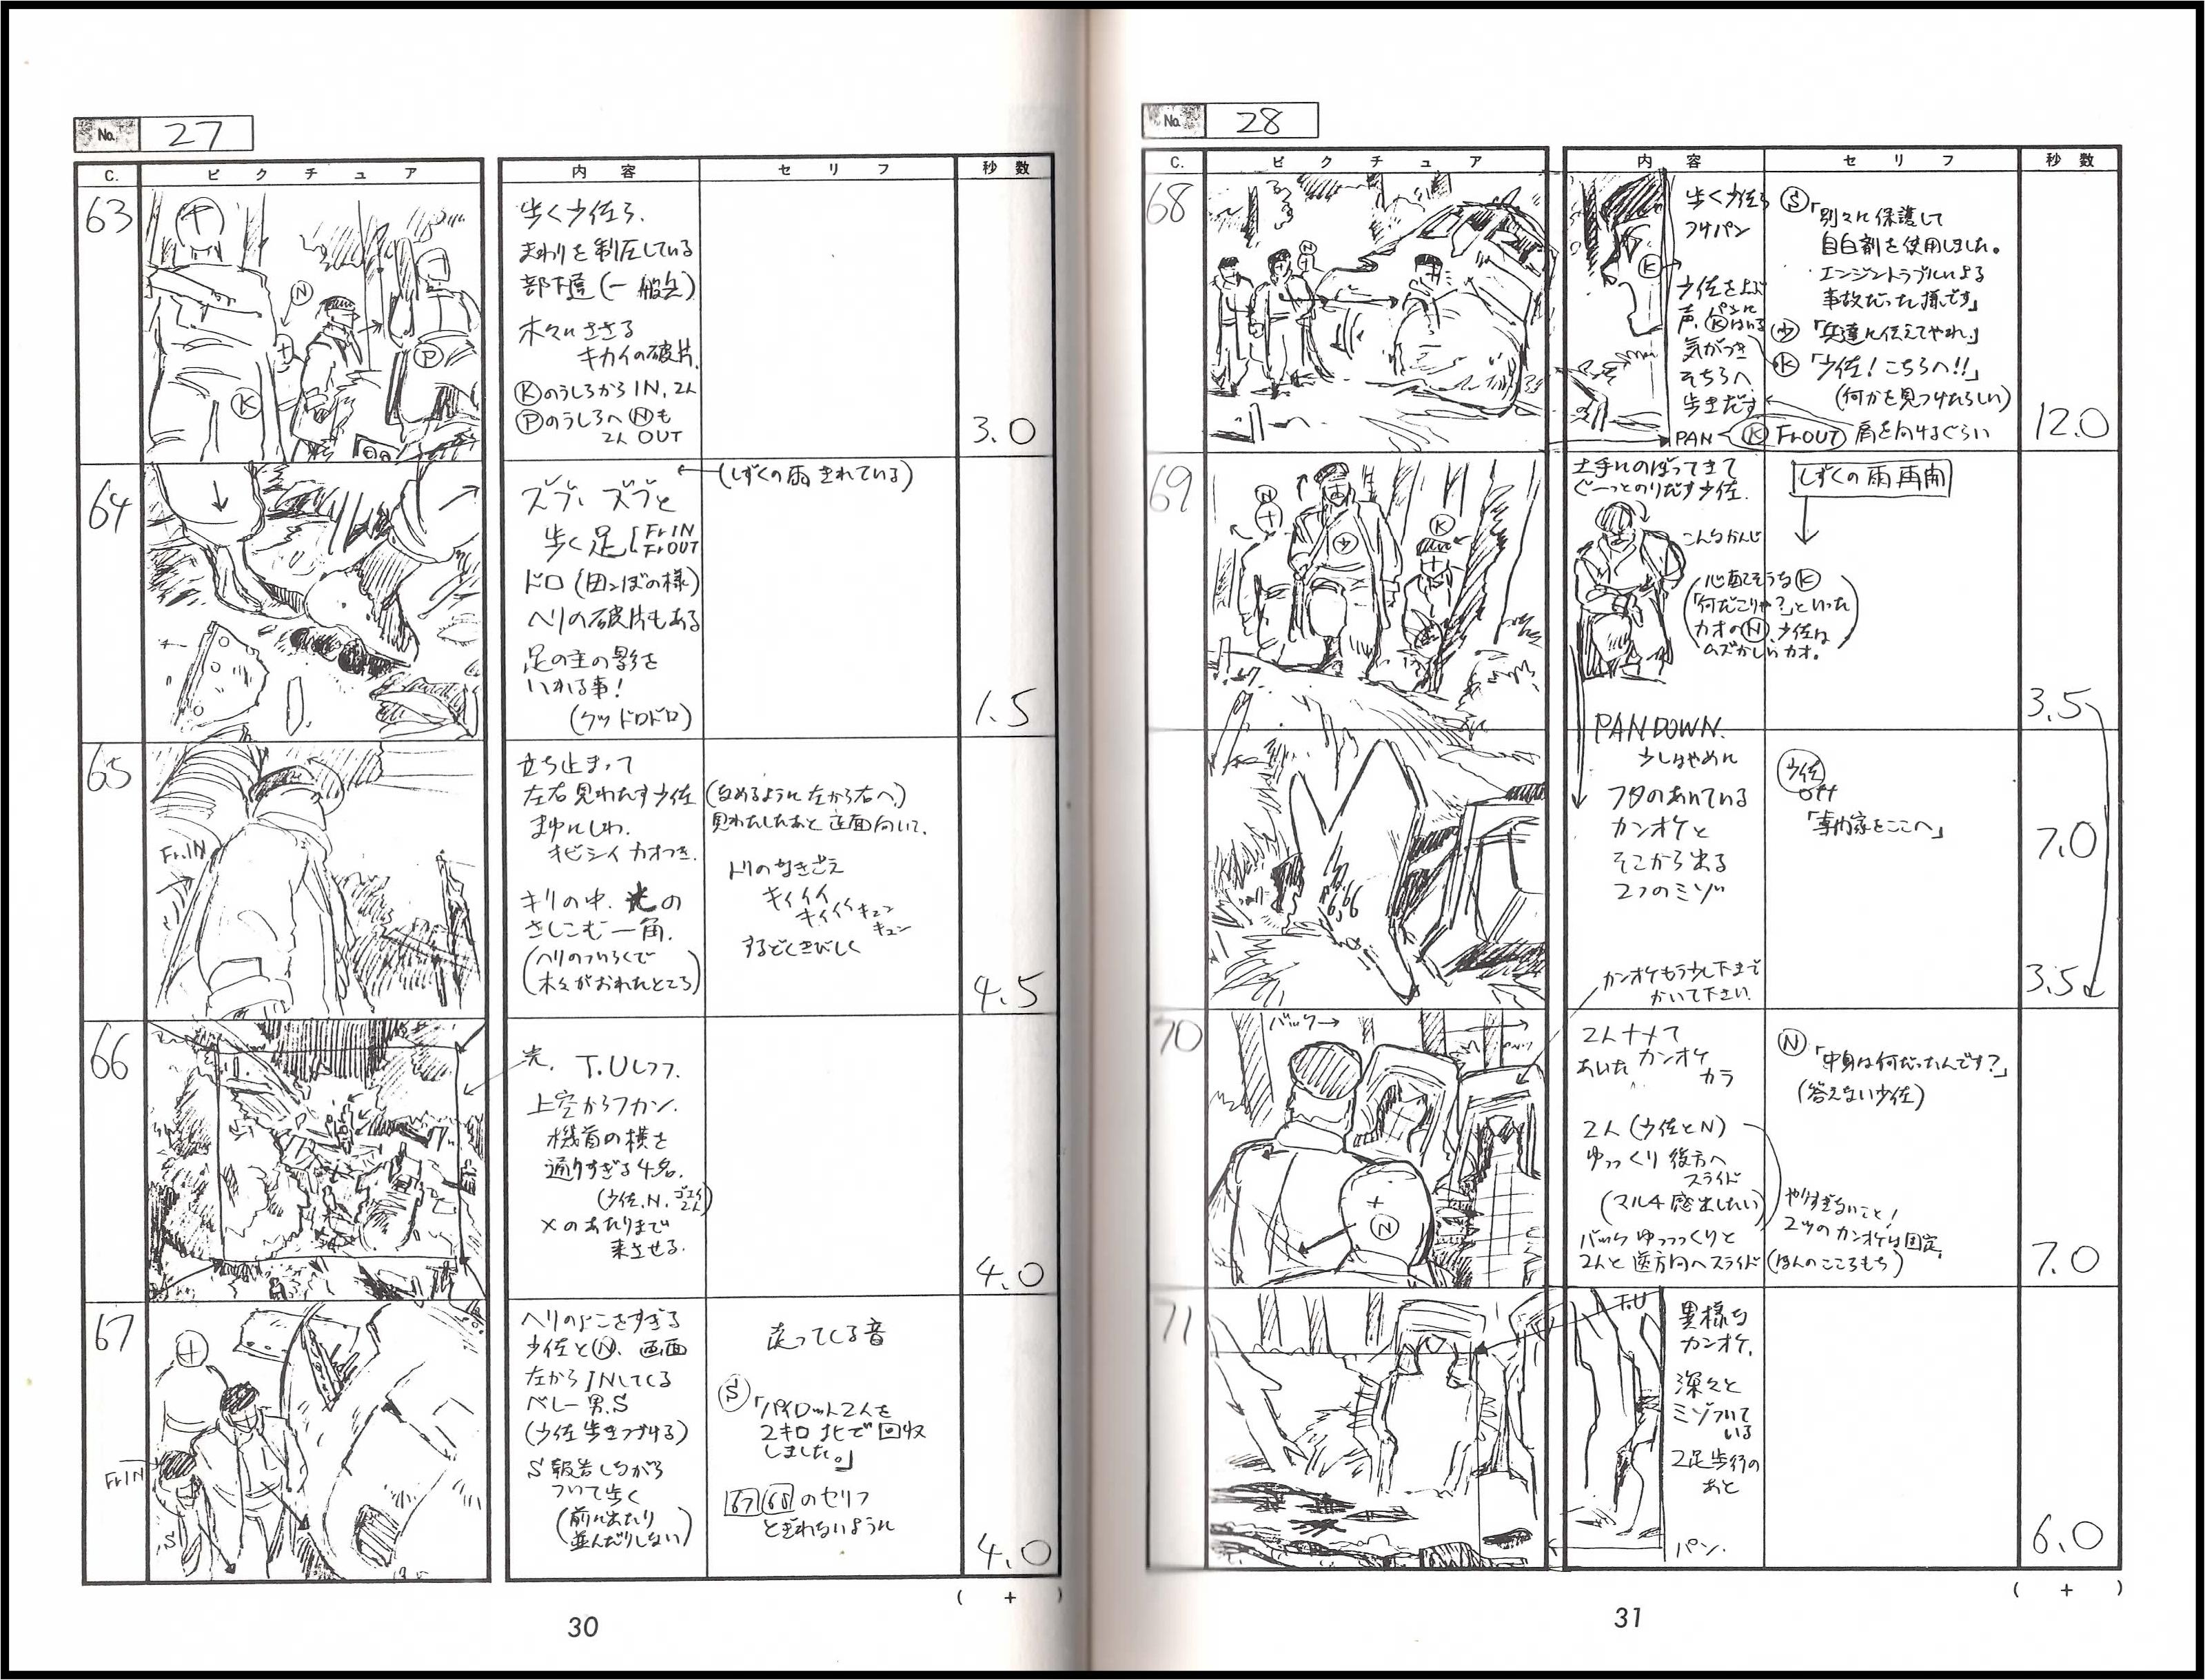 初心者の見本になるオススメ絵コンテ集:ブラックマジックm-66